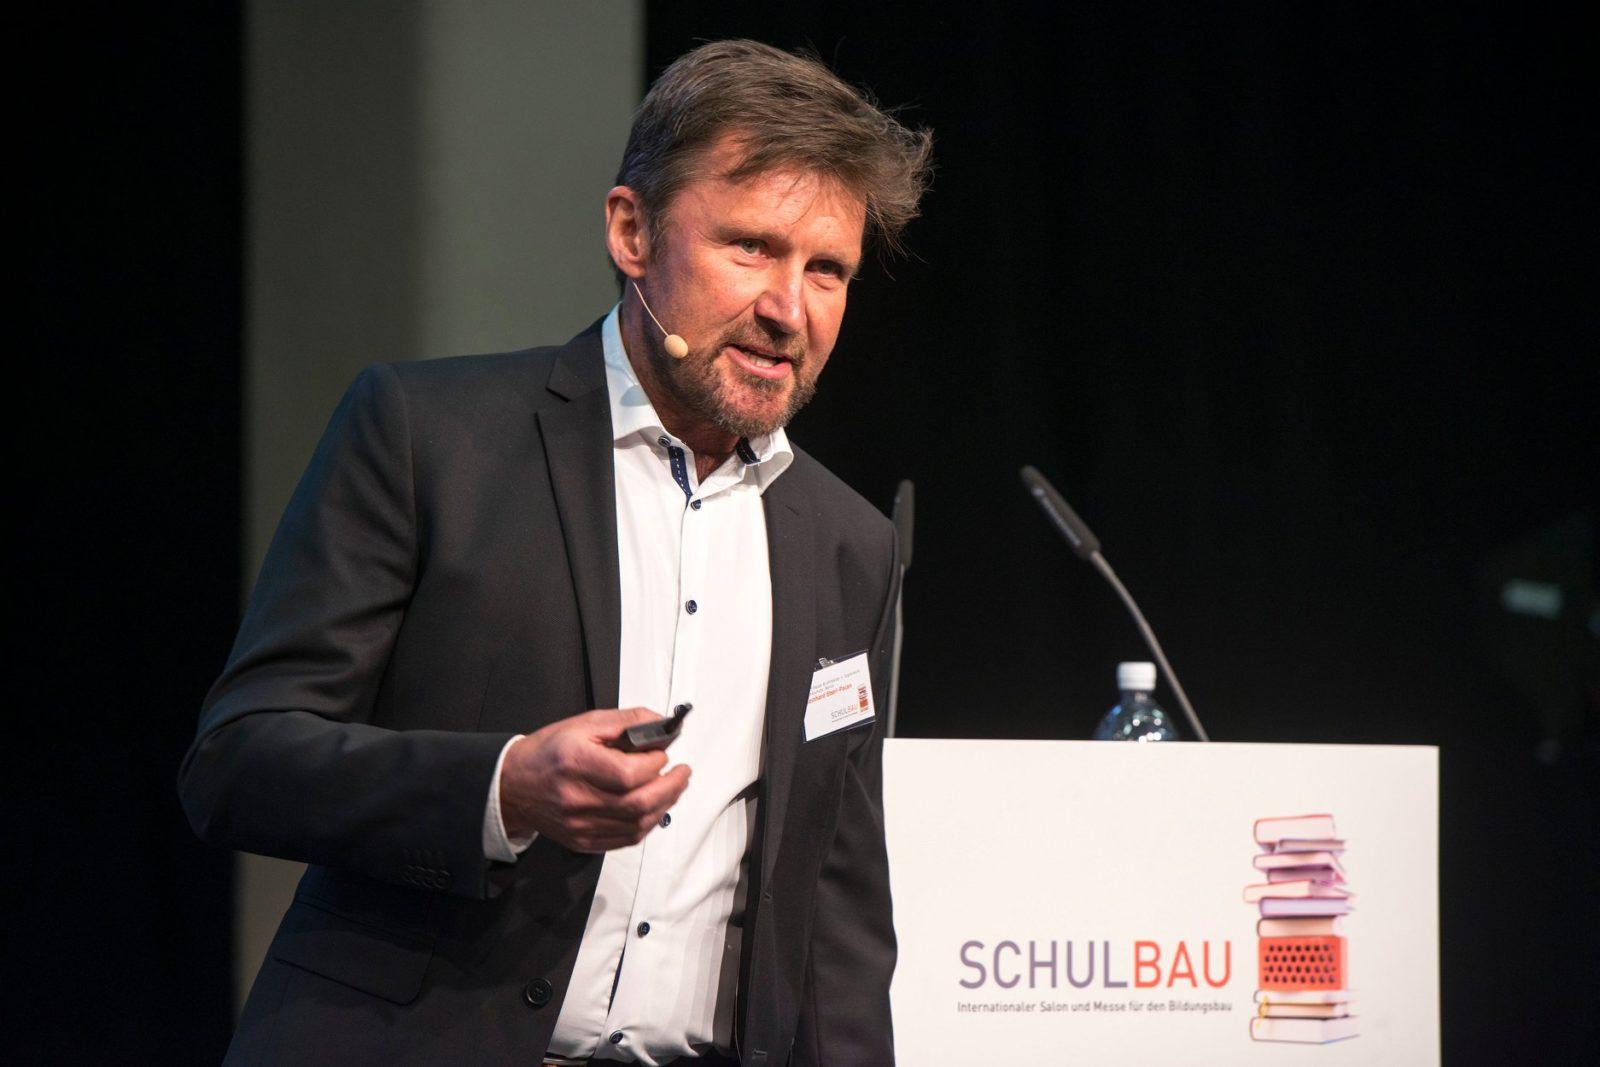 Vortrag SCHULBAU Sachsen 2019 Foto_Cubus Medien Verlag